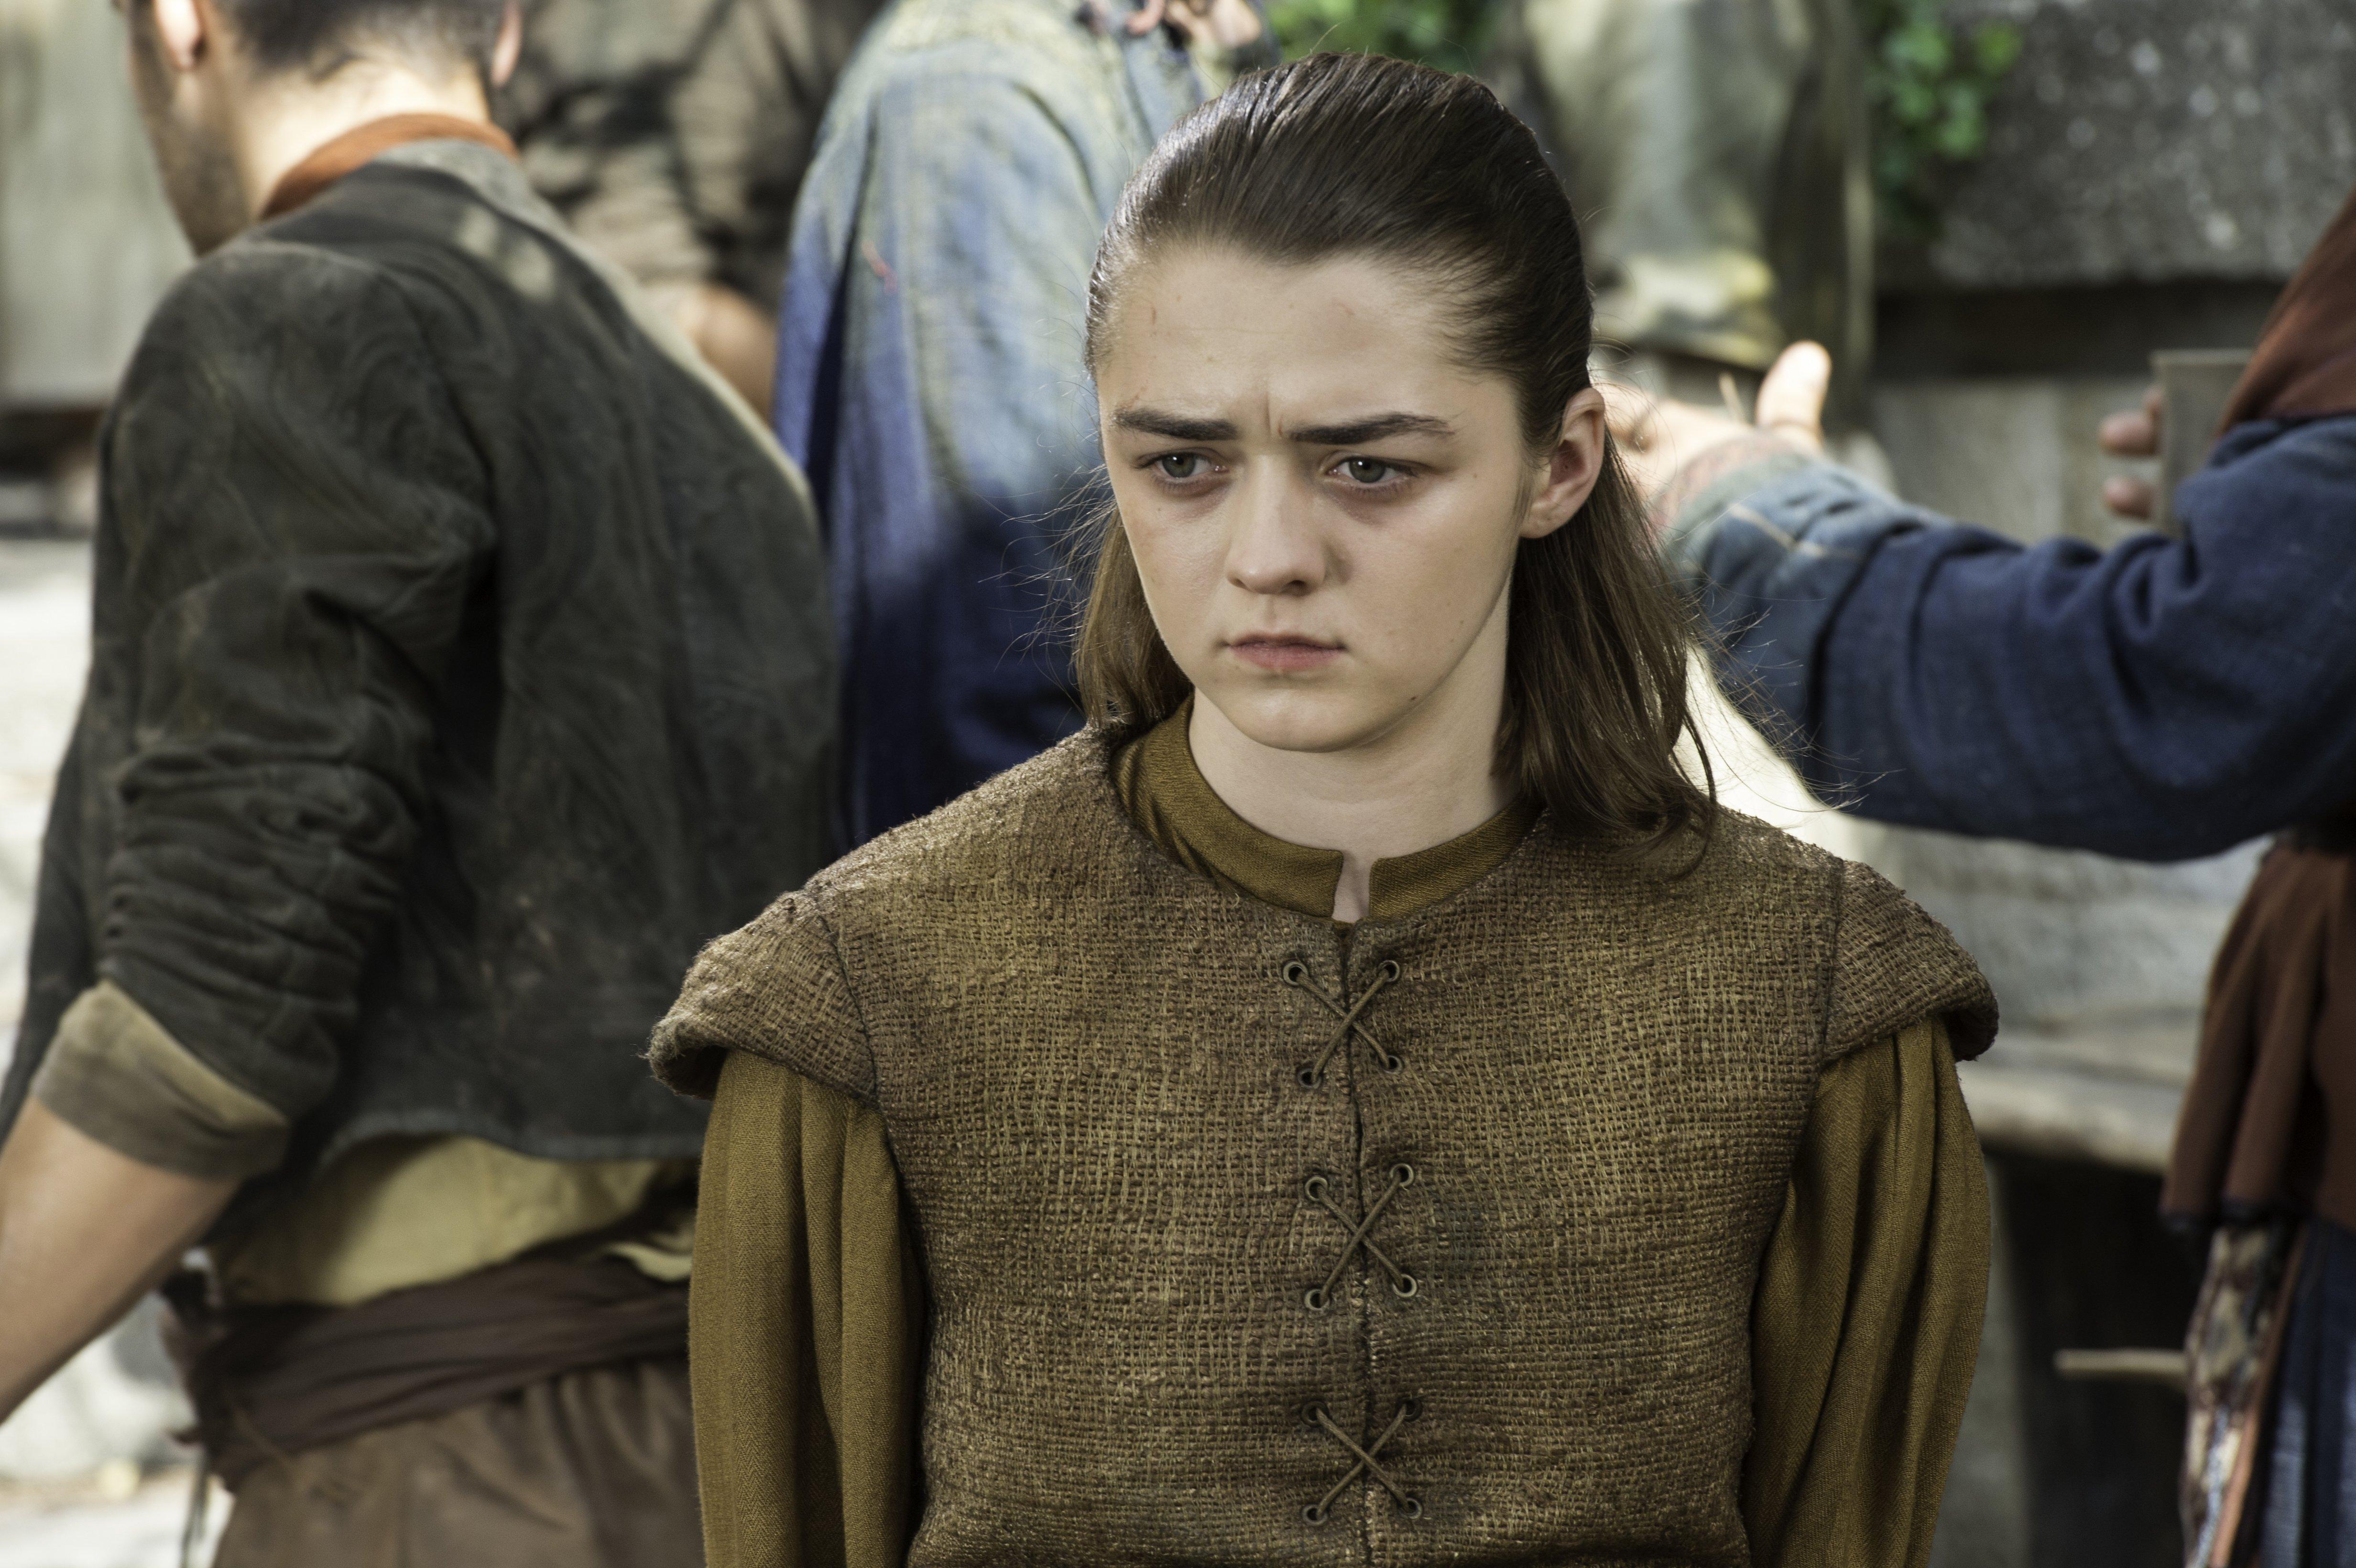 Il Trono di Spade: Maisie Williams interpreta Arya in The Broken Man